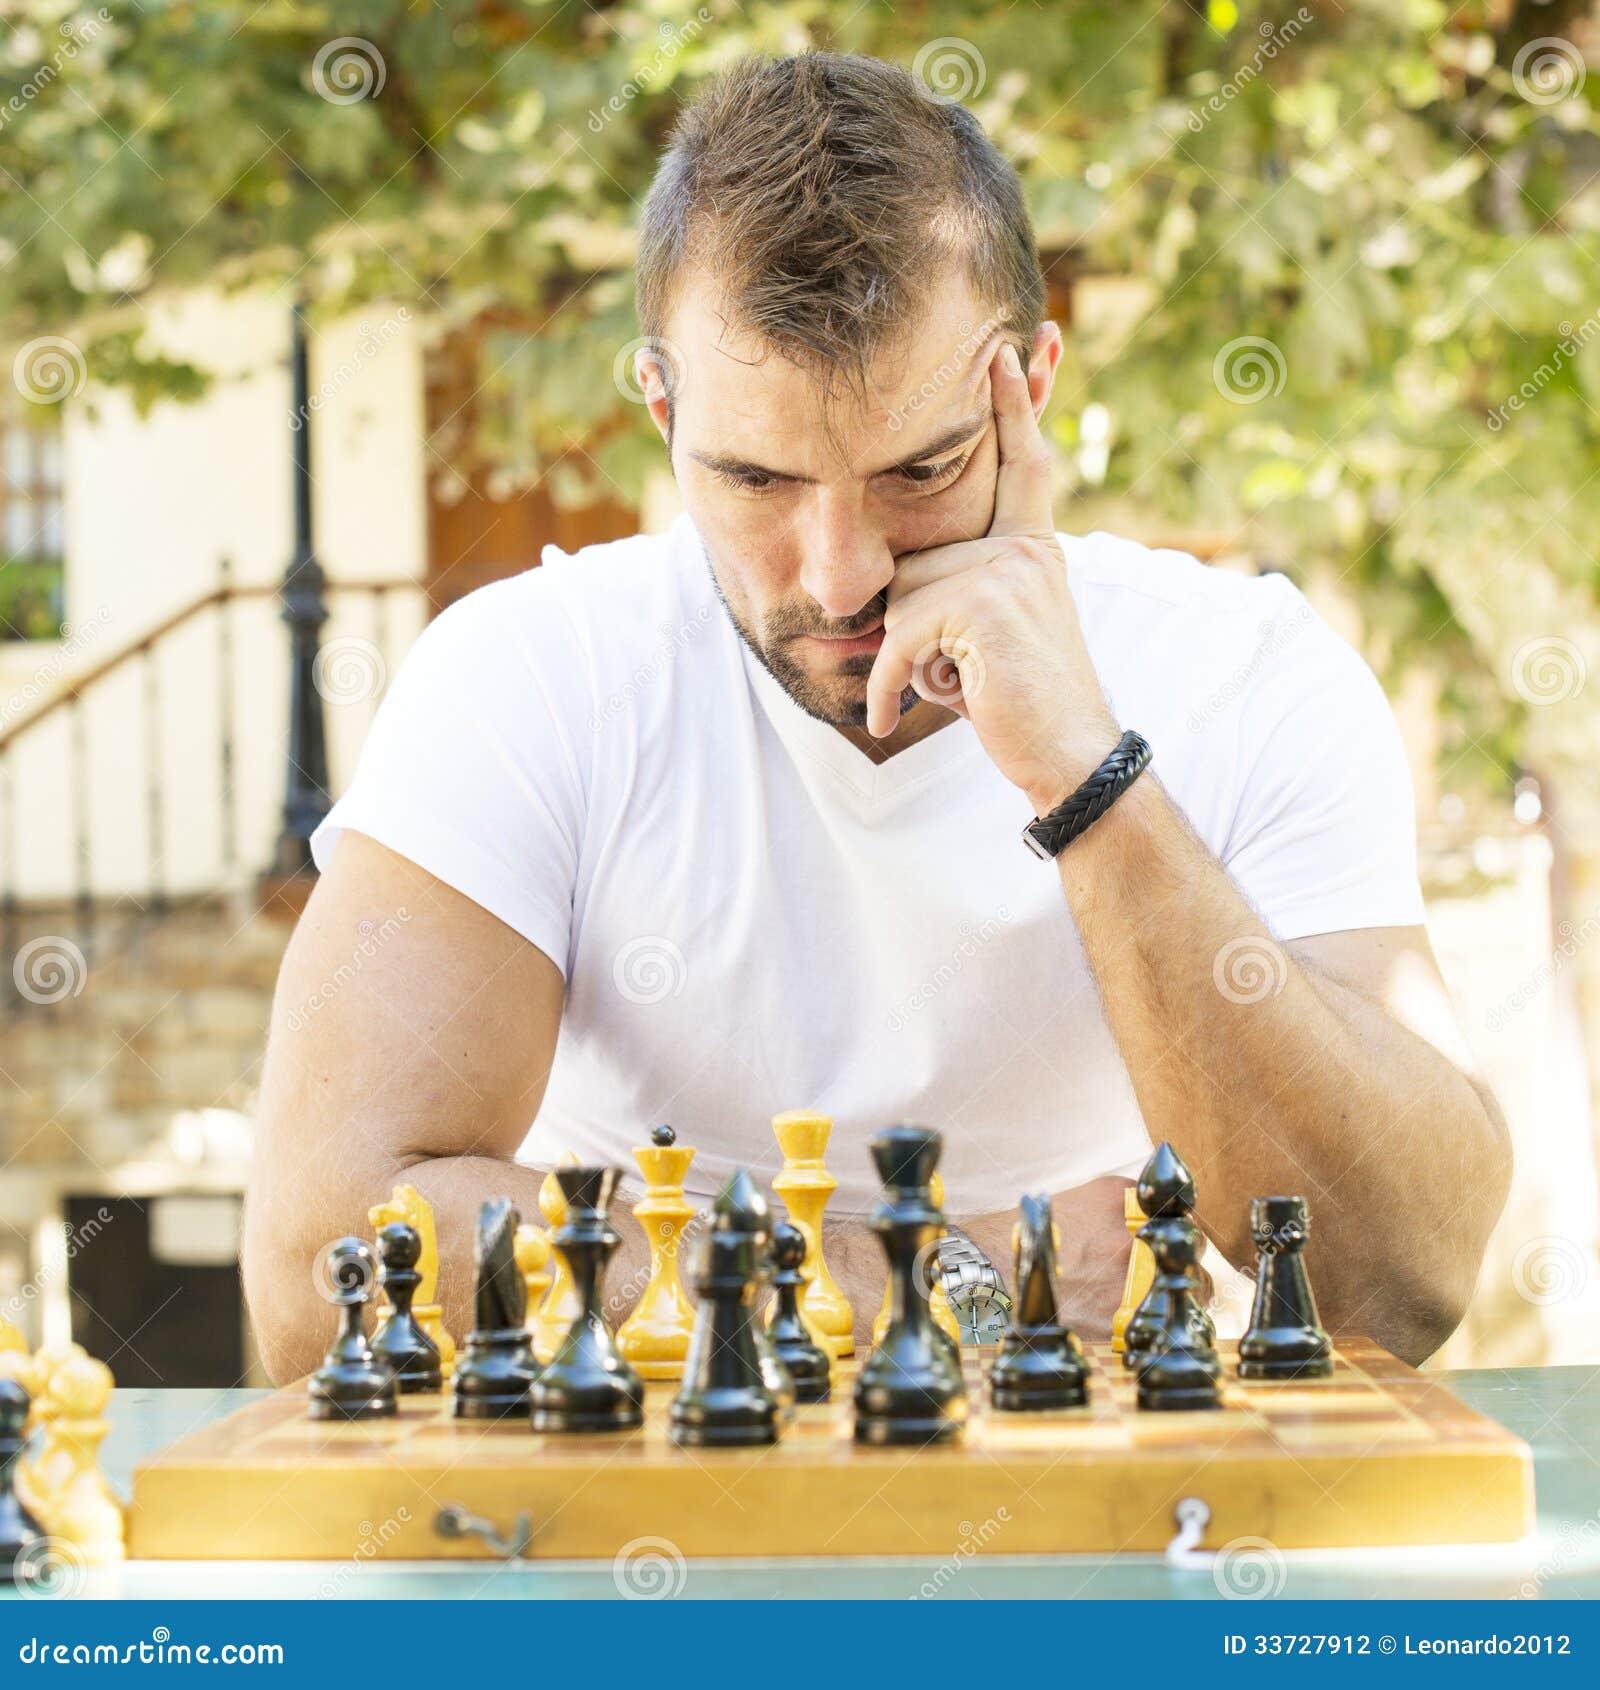 Σκάκι παιχνιδιών ατόμων.